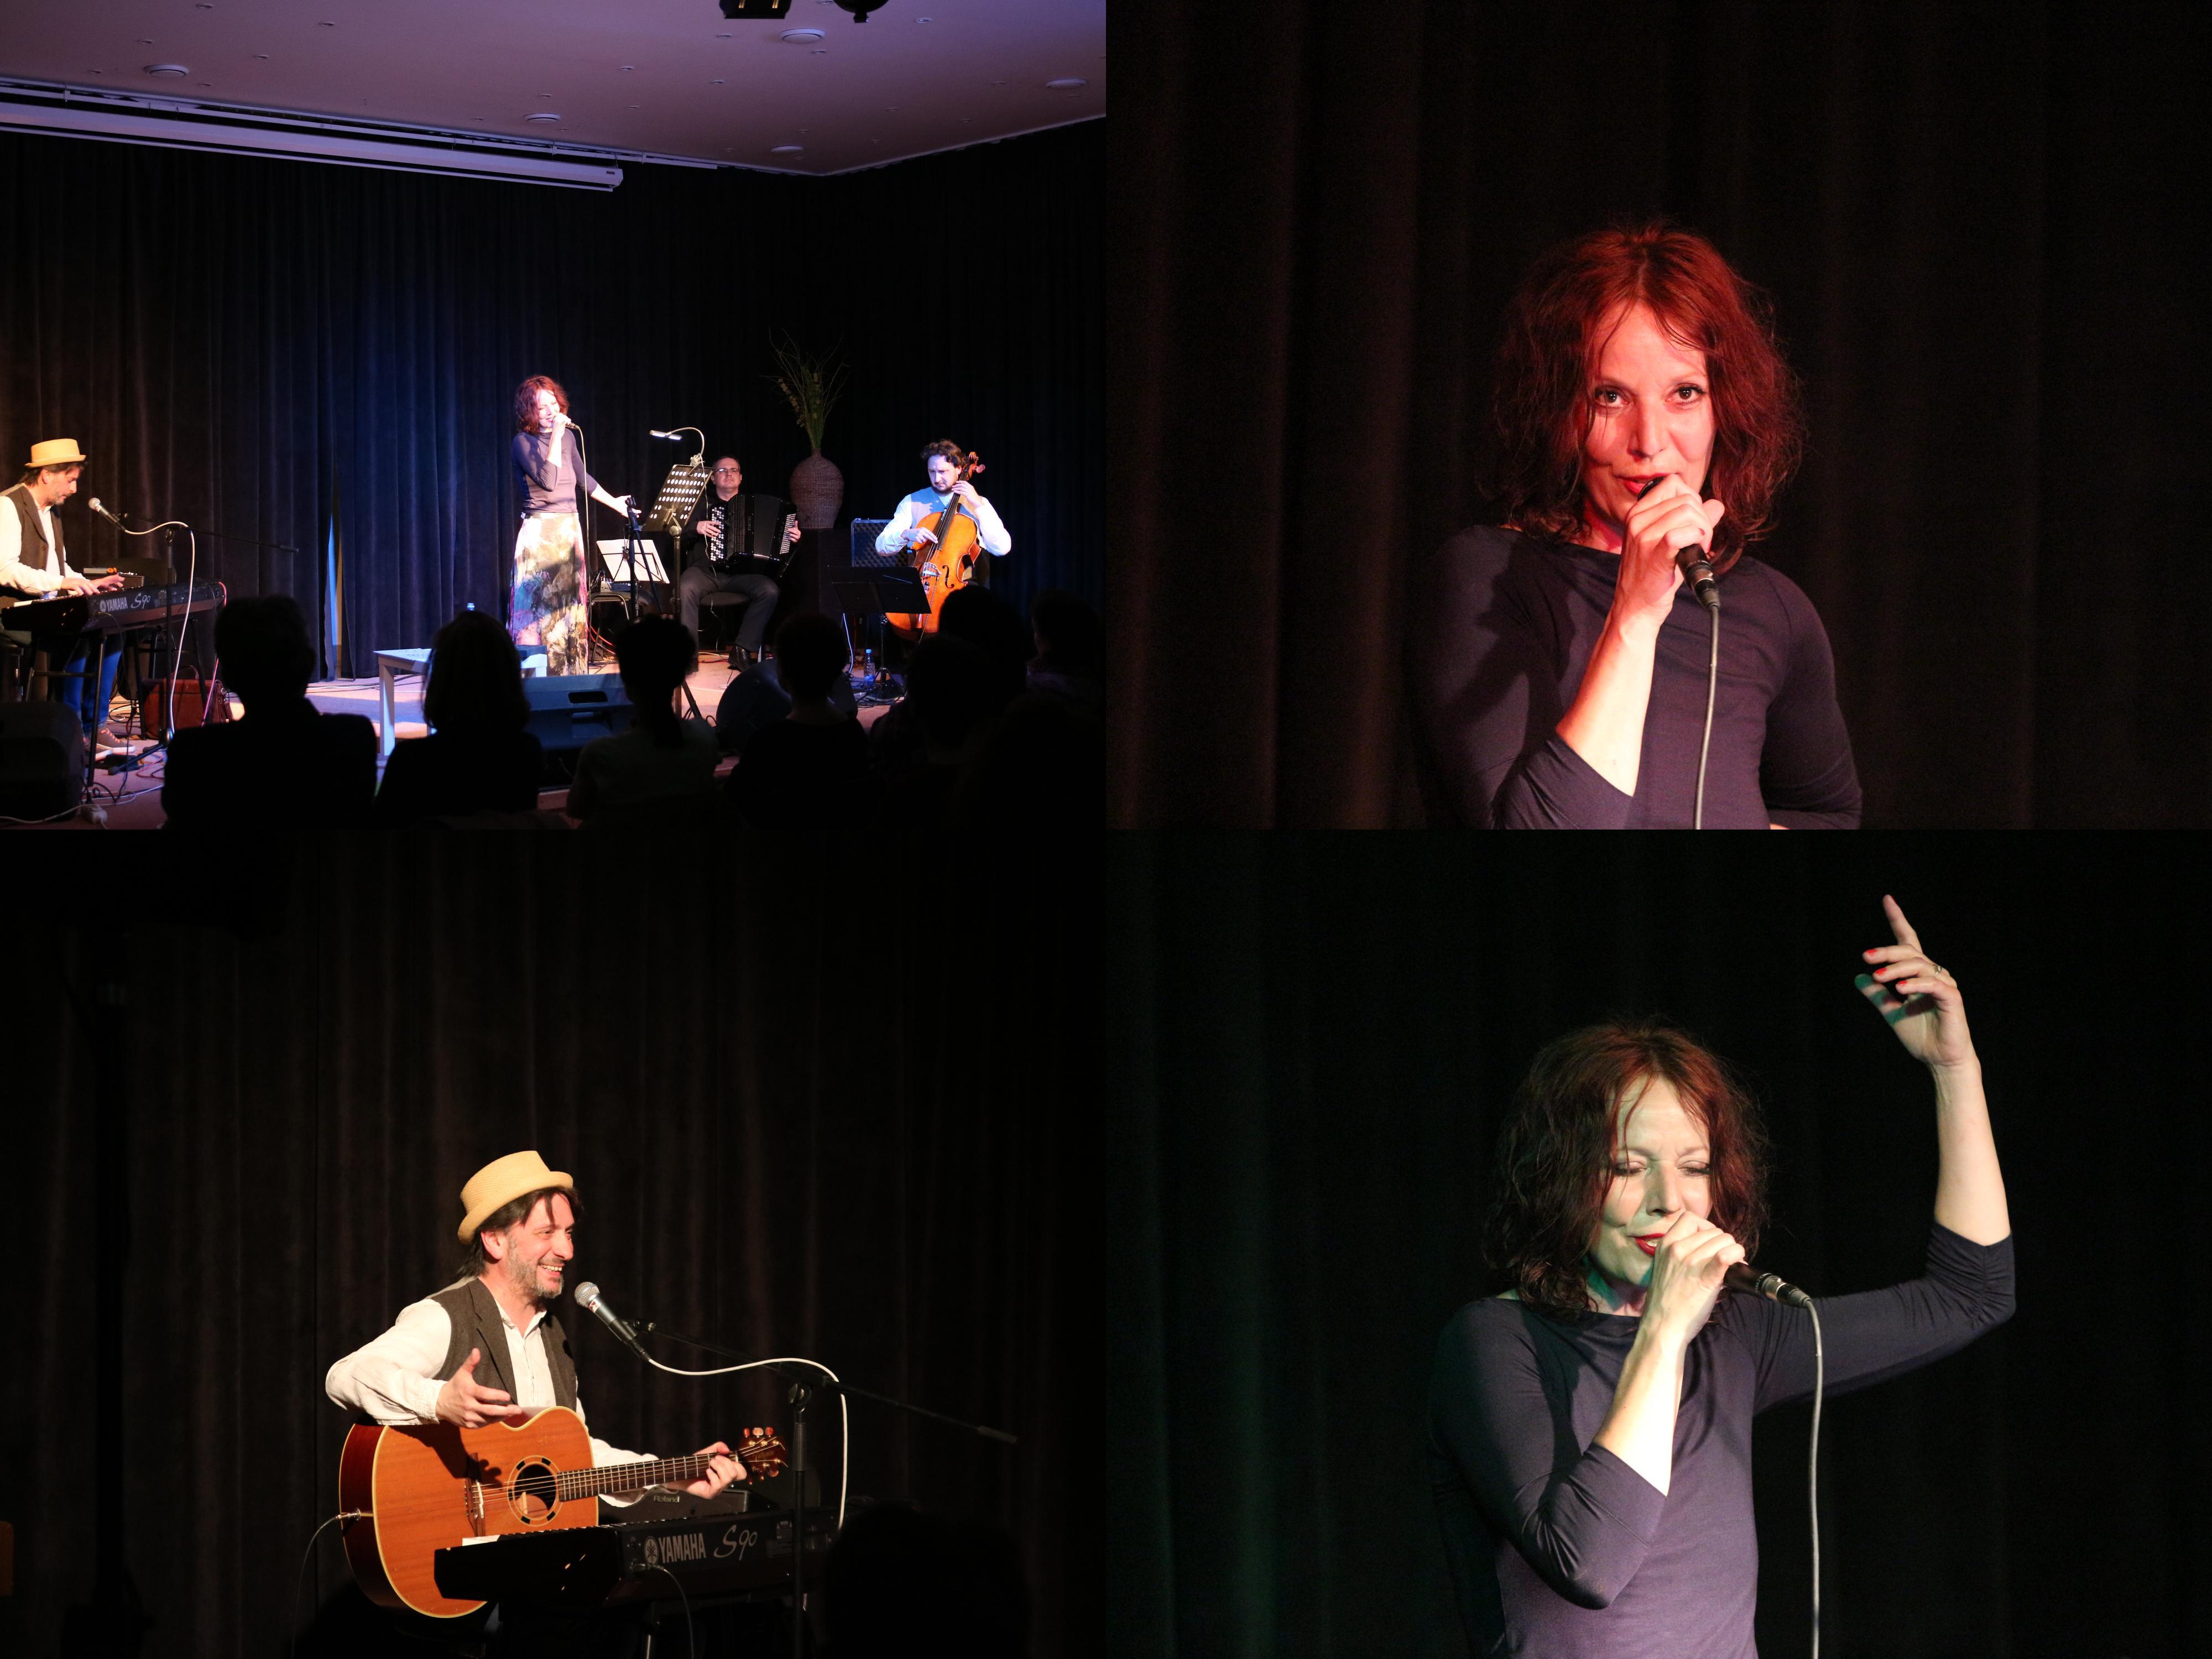 Foto: Koncert Szidi Tobias & Band